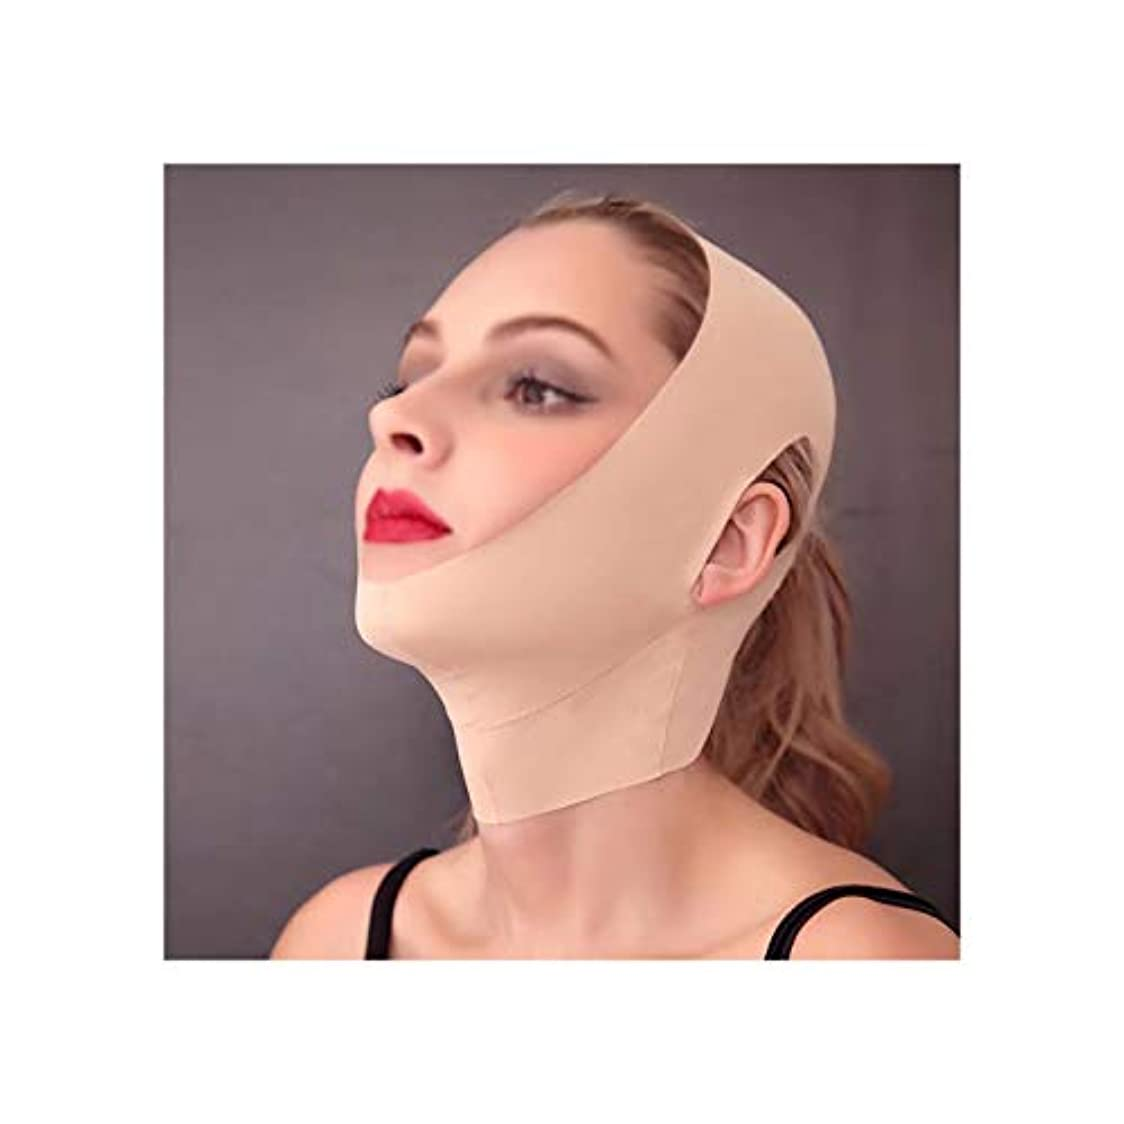 プログレッシブクリック踏み台フェイシャルマスク、フェイスリフティングアーティファクト女性の男性の睡眠の顔Vフェイス包帯マスクリフティングフェイス修正引き締め顔に二重あご痩身ベルト